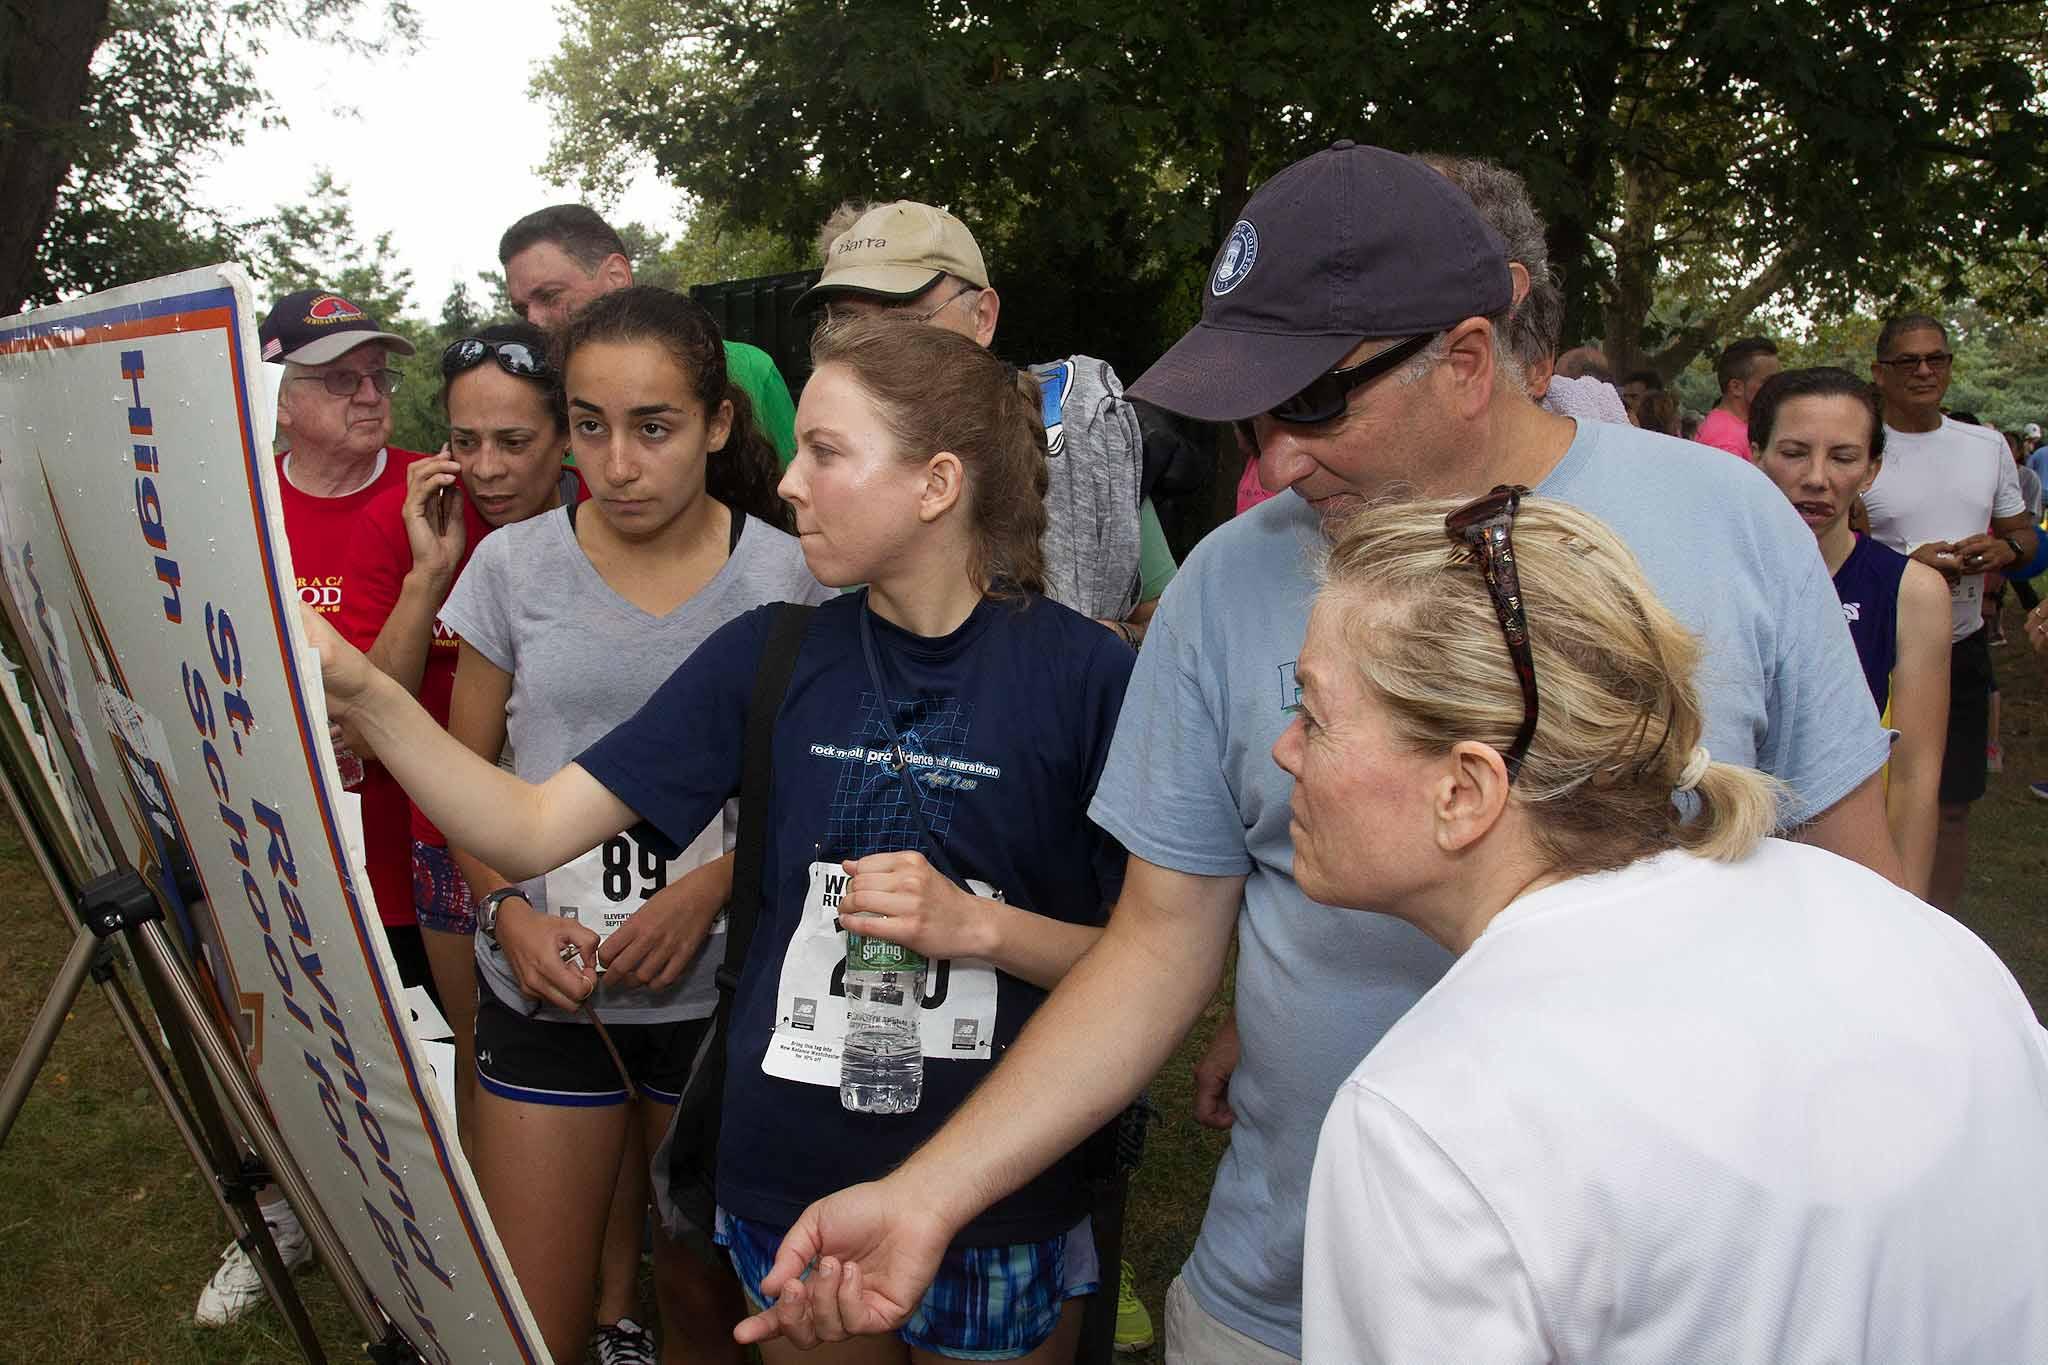 233-Woodlawn Run for a Cause-022-2.jpg